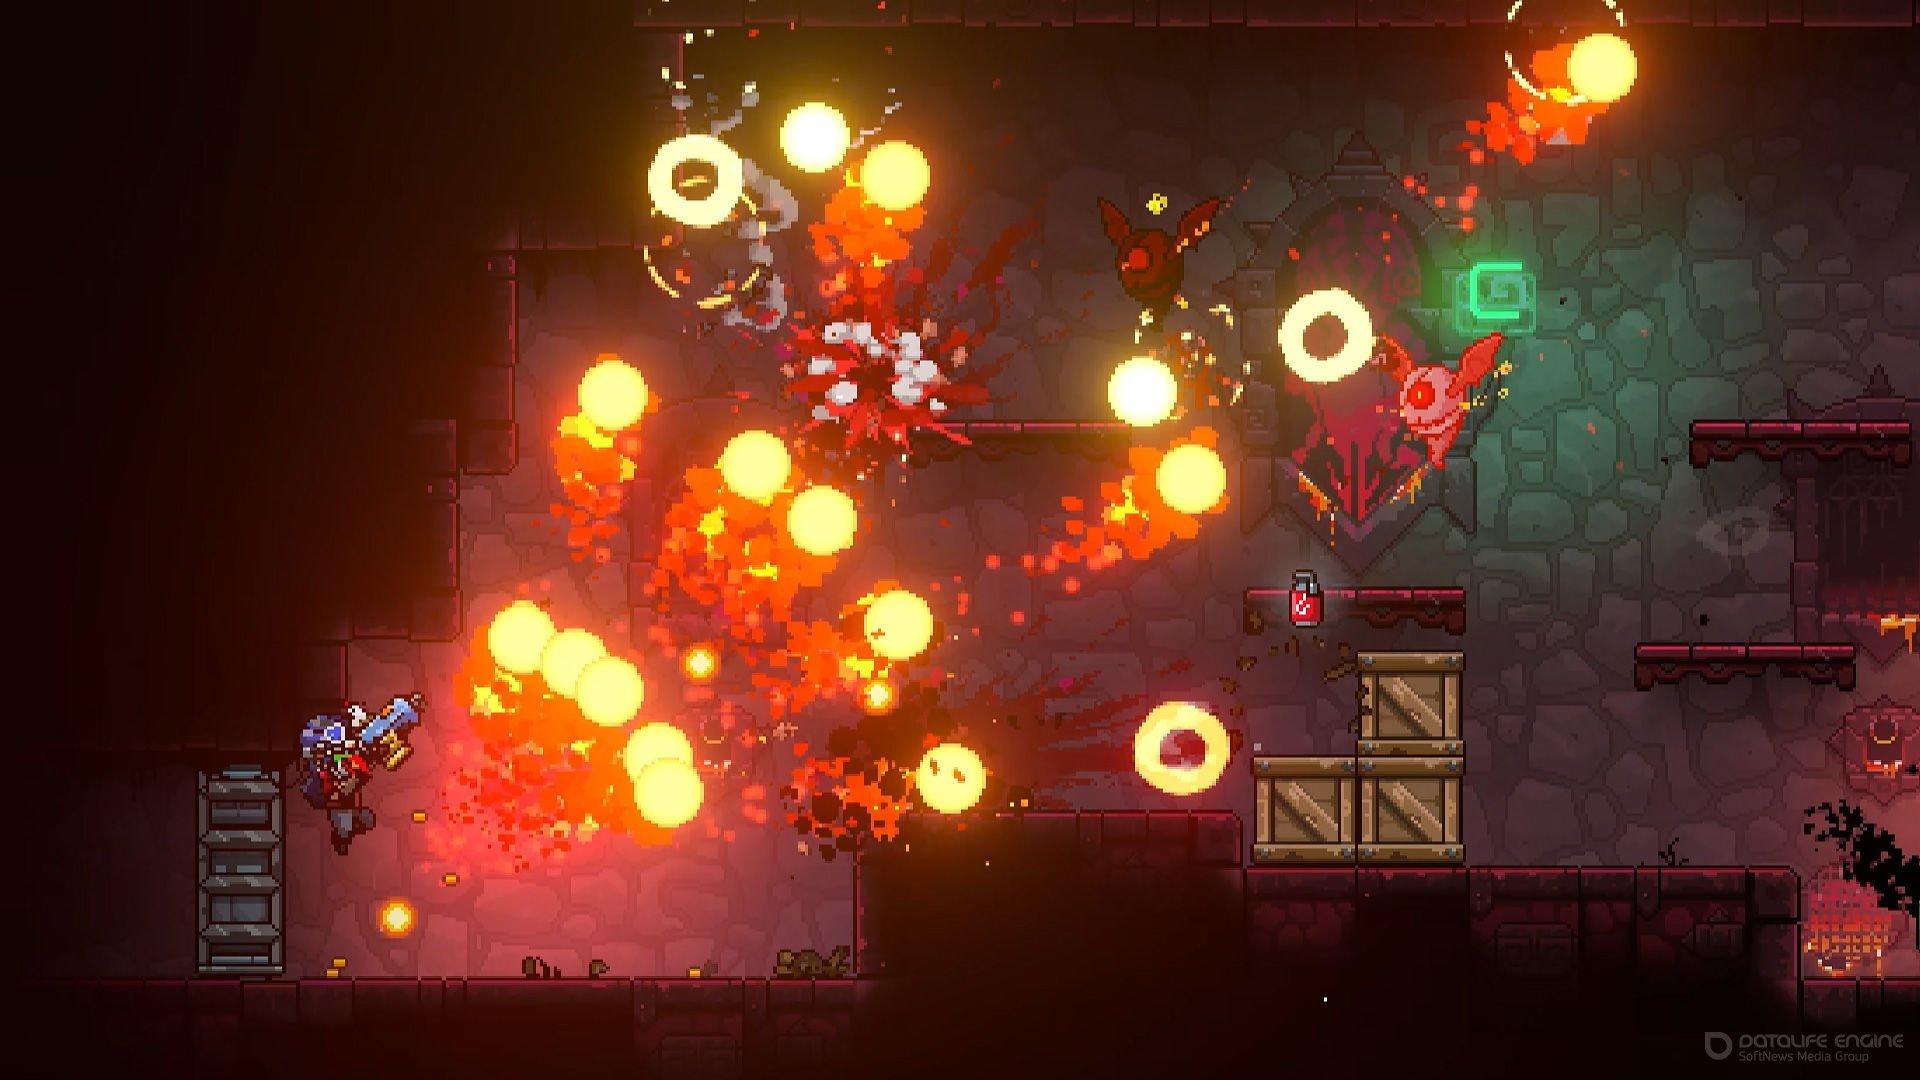 Скриншот к игре Neon Abyss v.1.3.4.1rc2 [GOG] (2020) скачать торрент Лицензия